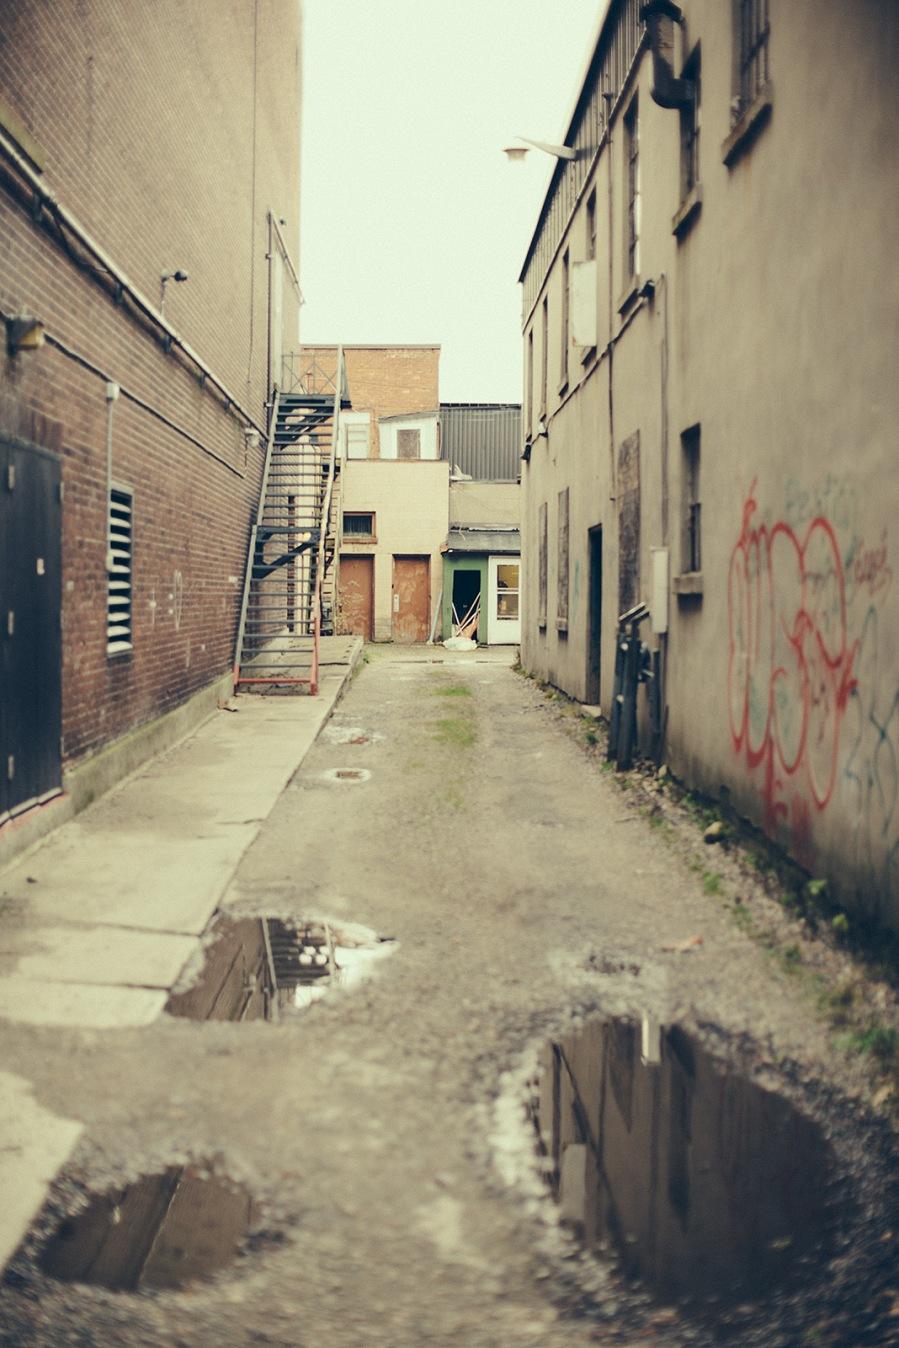 Alley - North Bay - Ontario